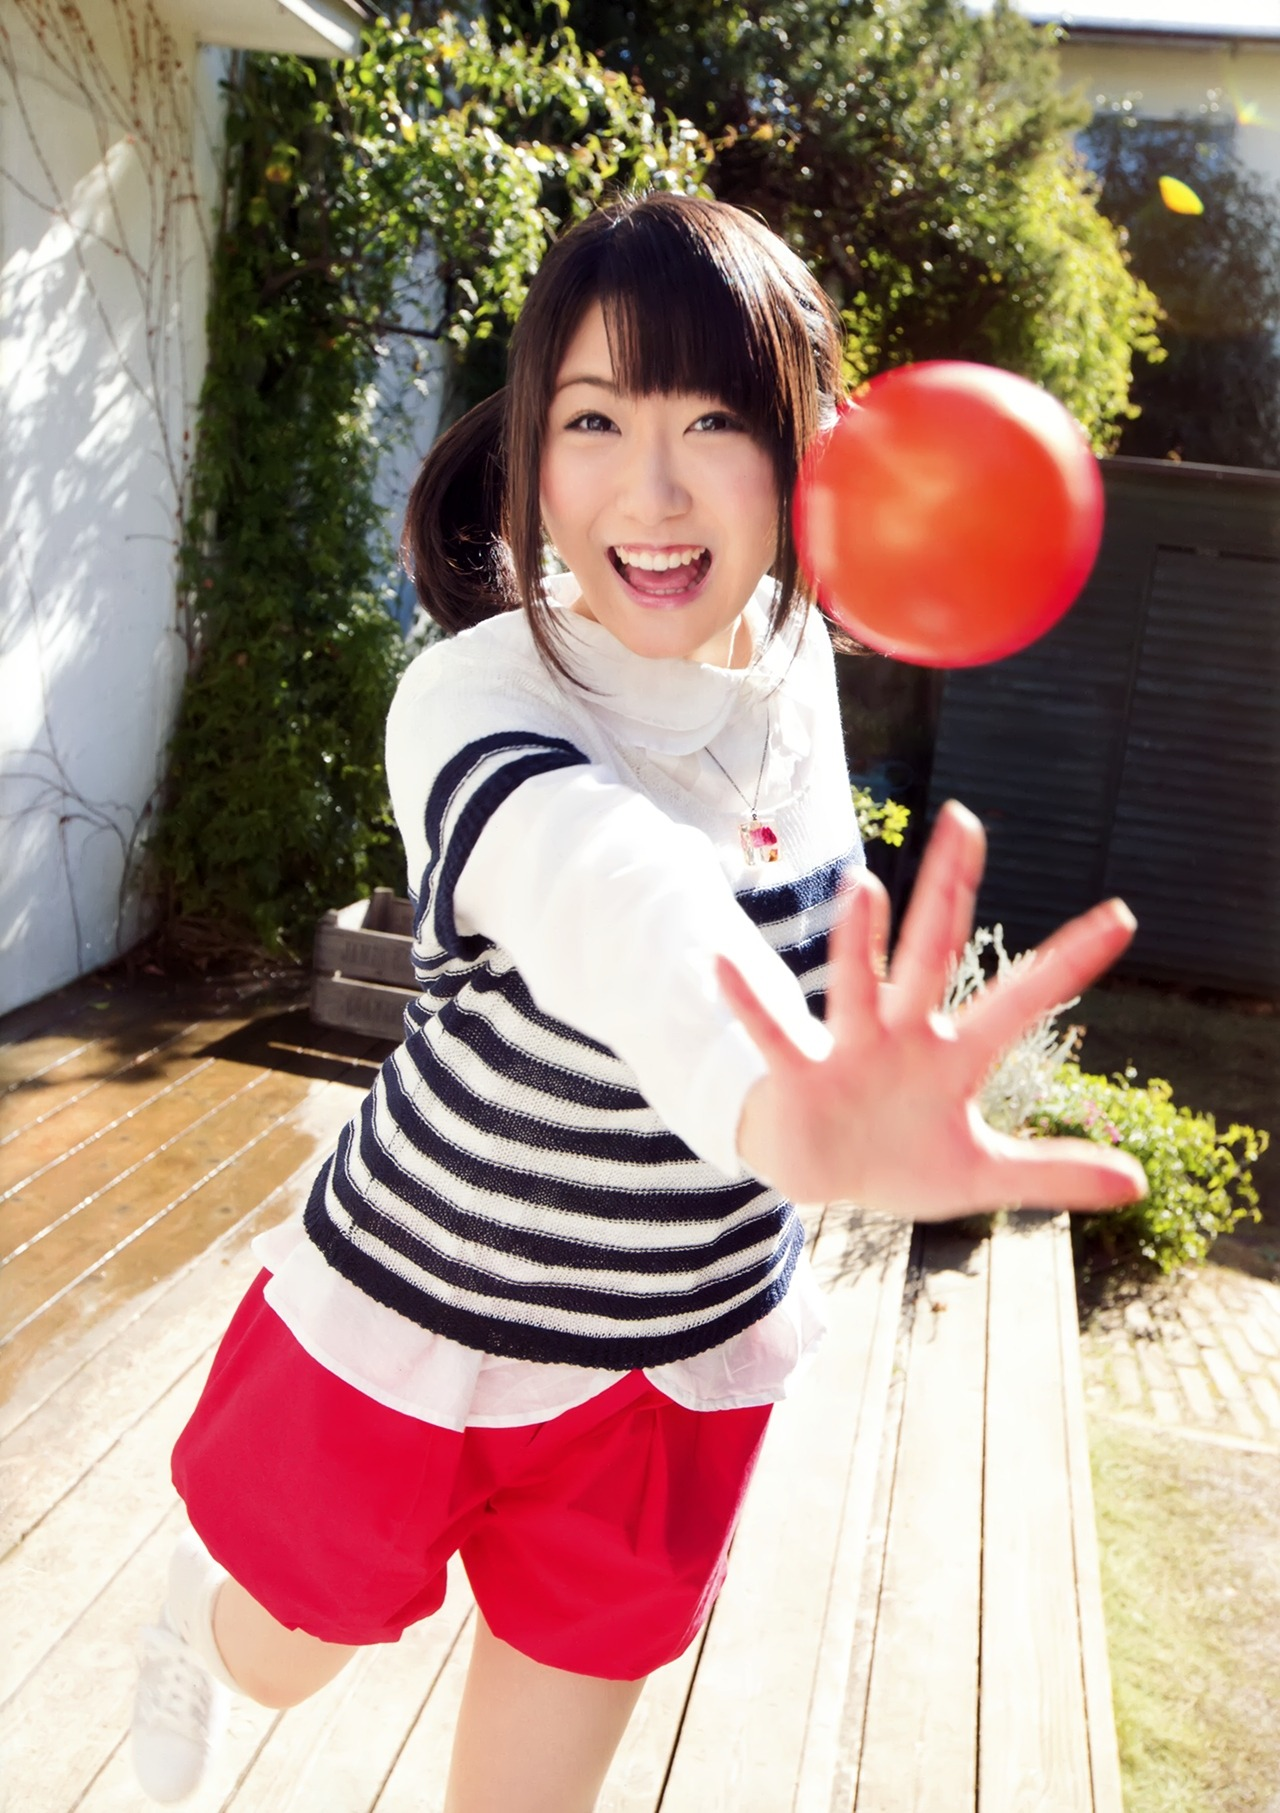 hidaka_rina051.jpg